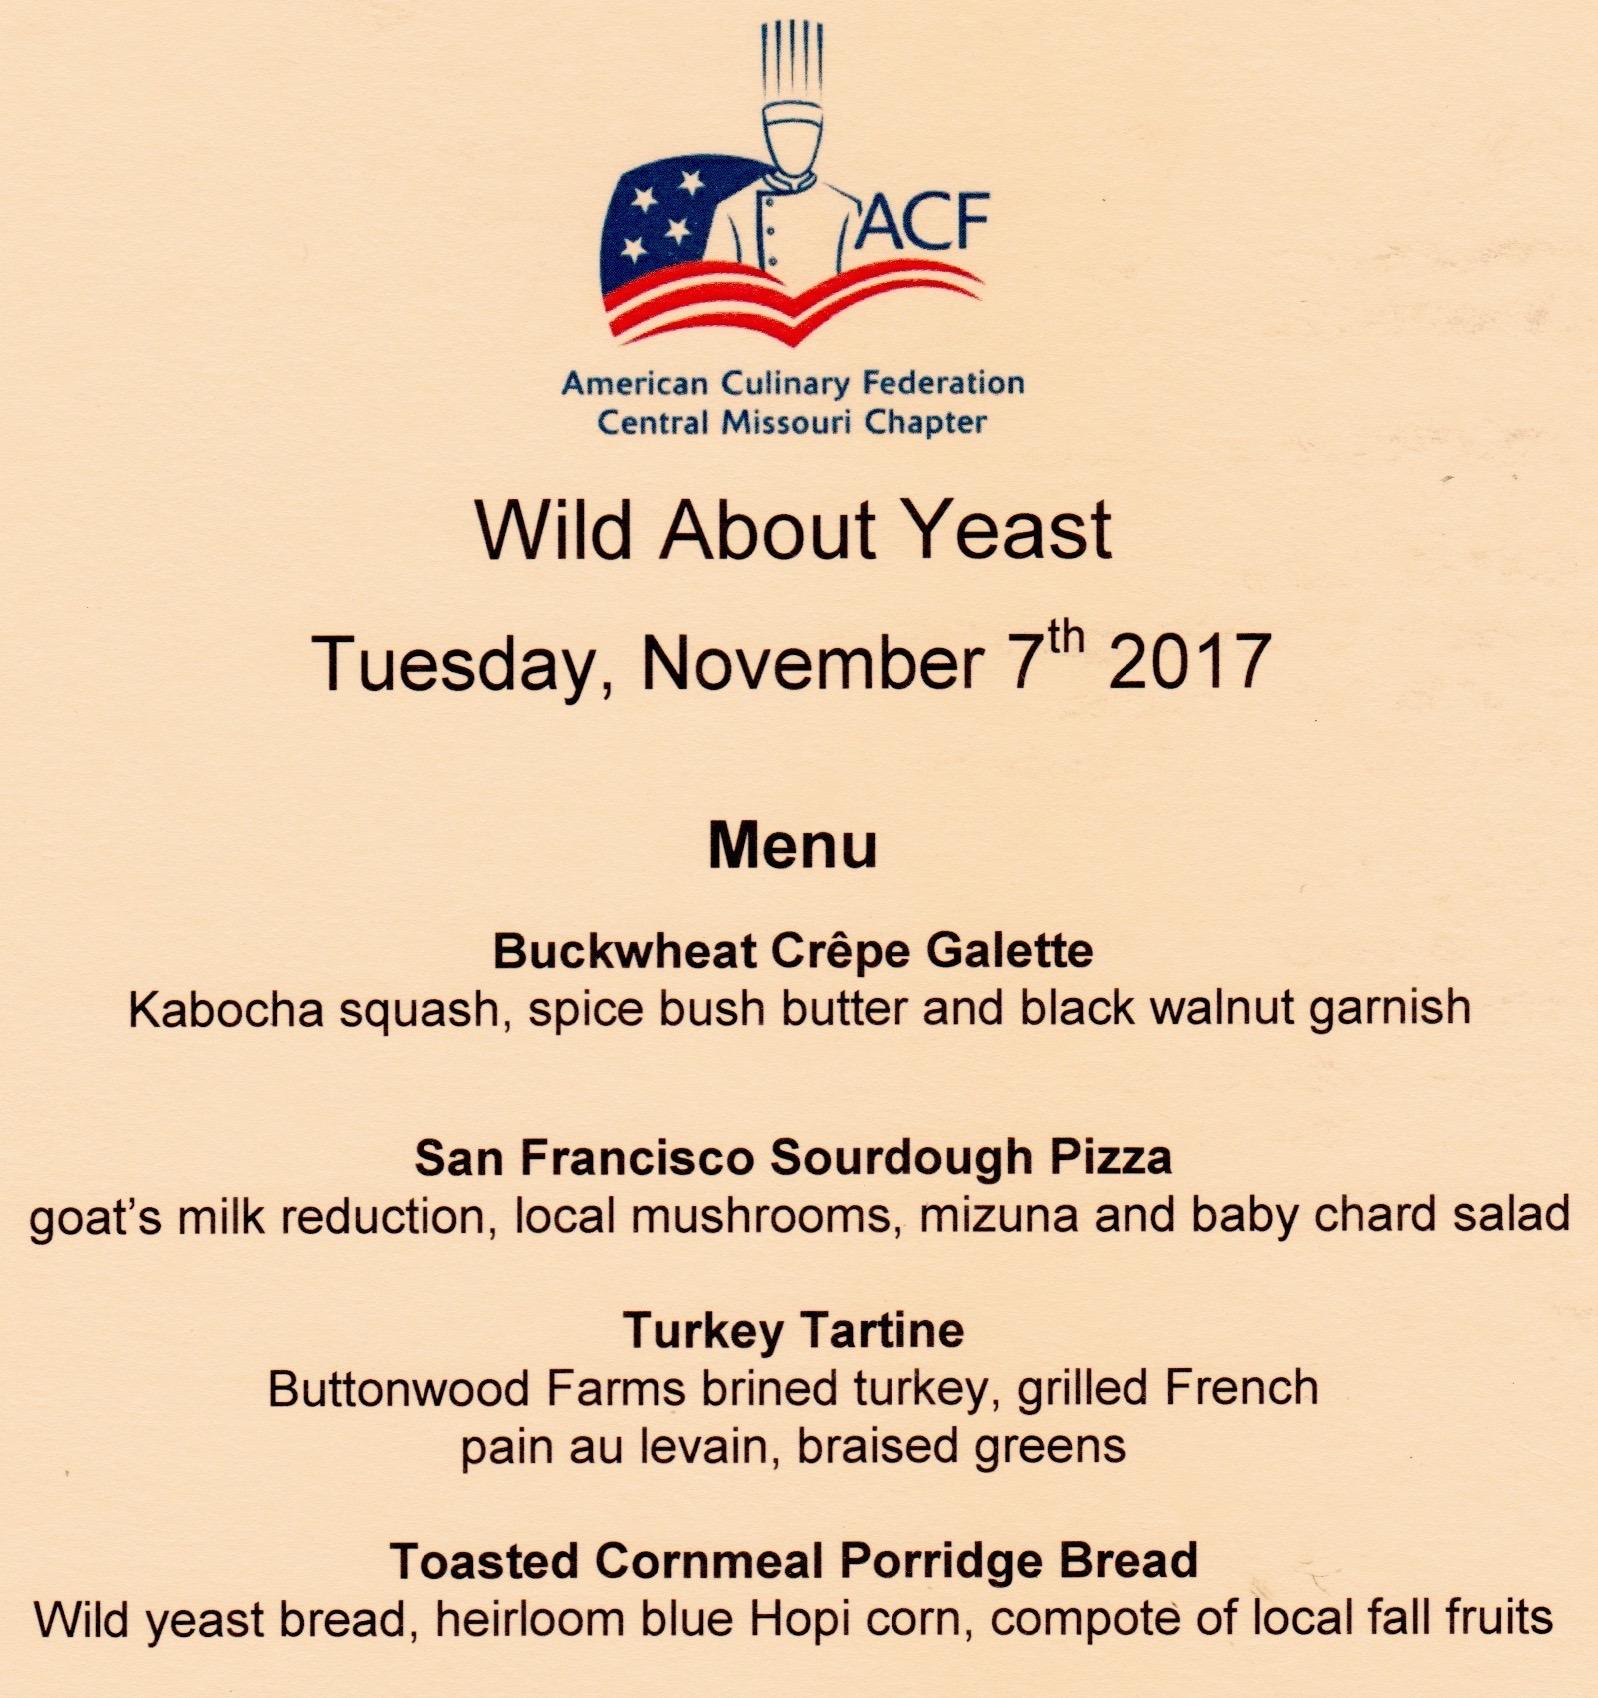 Wild About Yeast.jpg